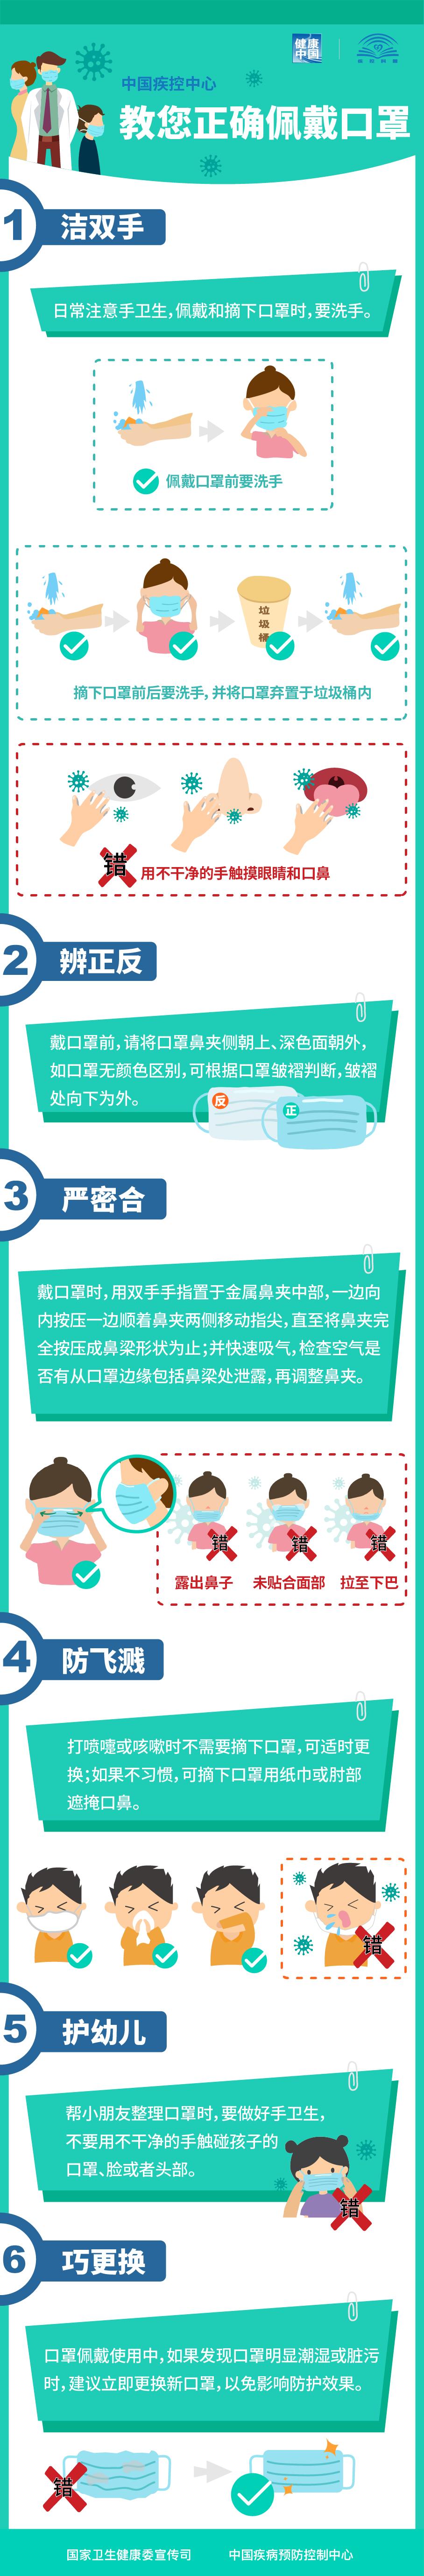 疫情防控期间,我们该如何正确佩戴口罩、做好消毒?图片